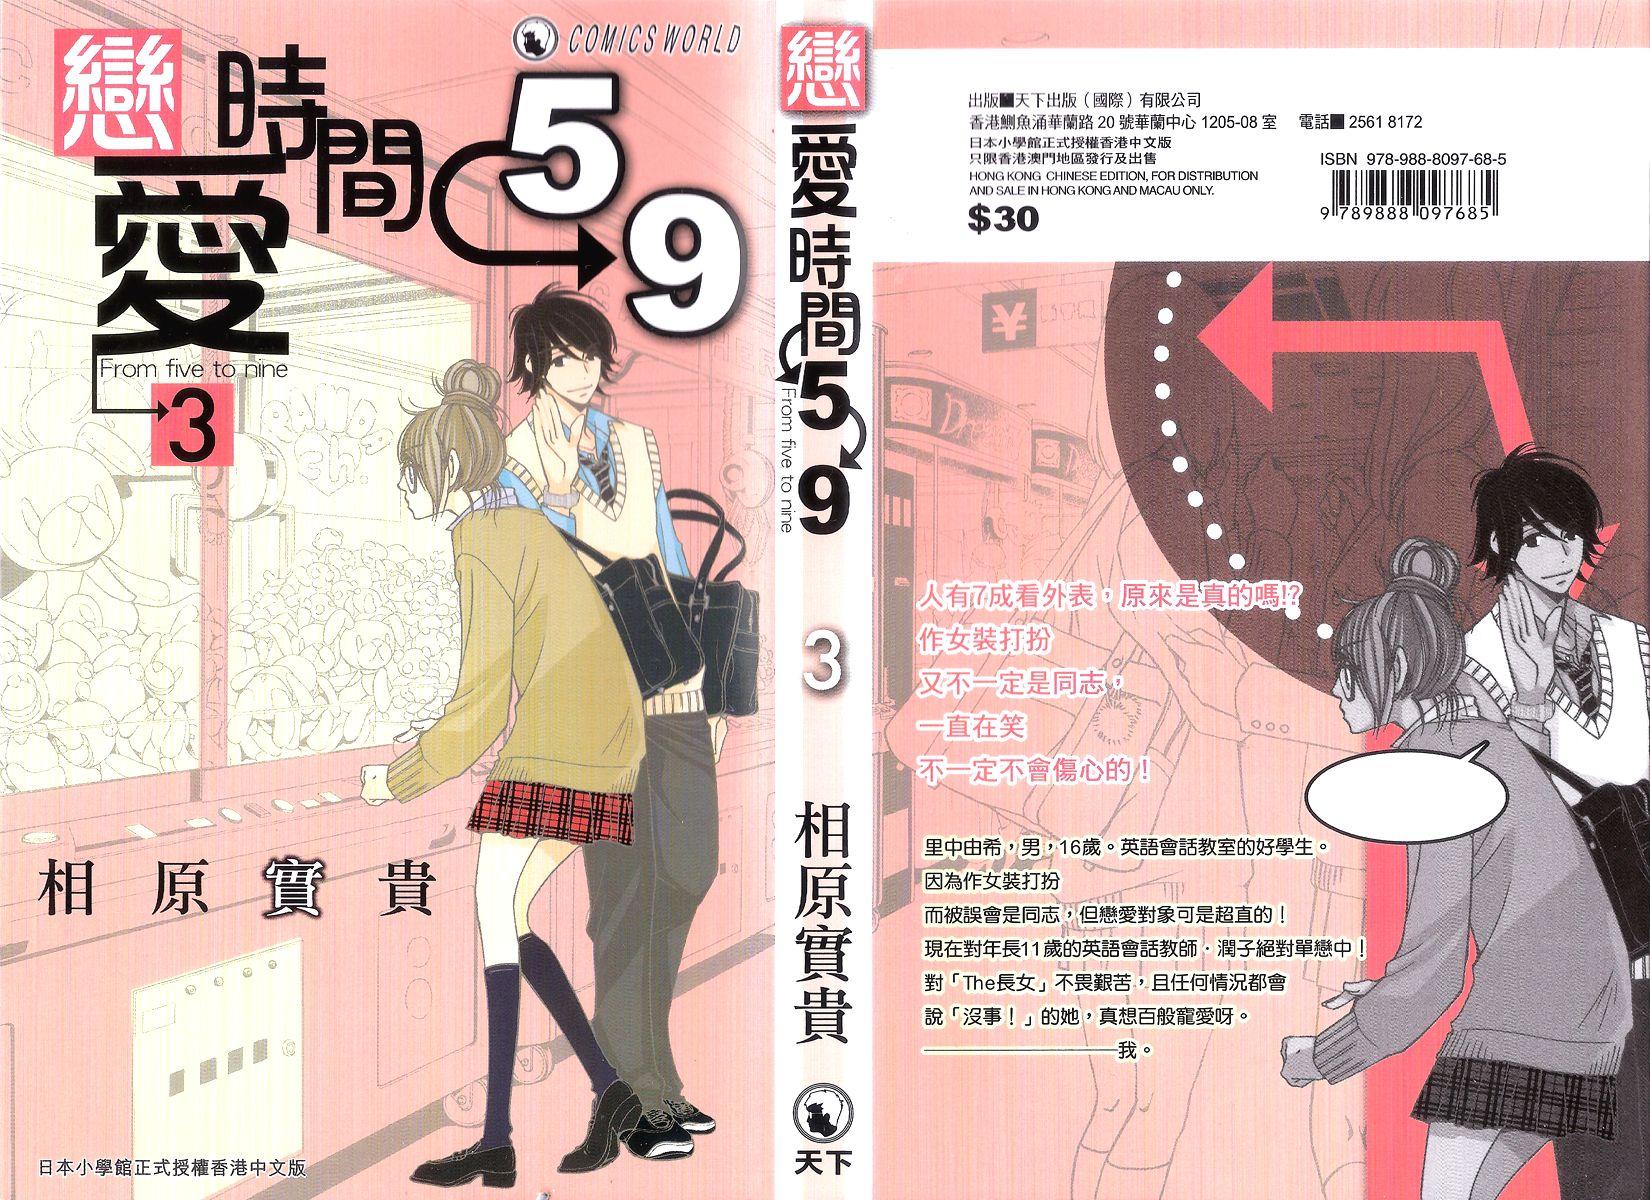 5 Ji Kara 9 Ji Made 9.5 Page 2